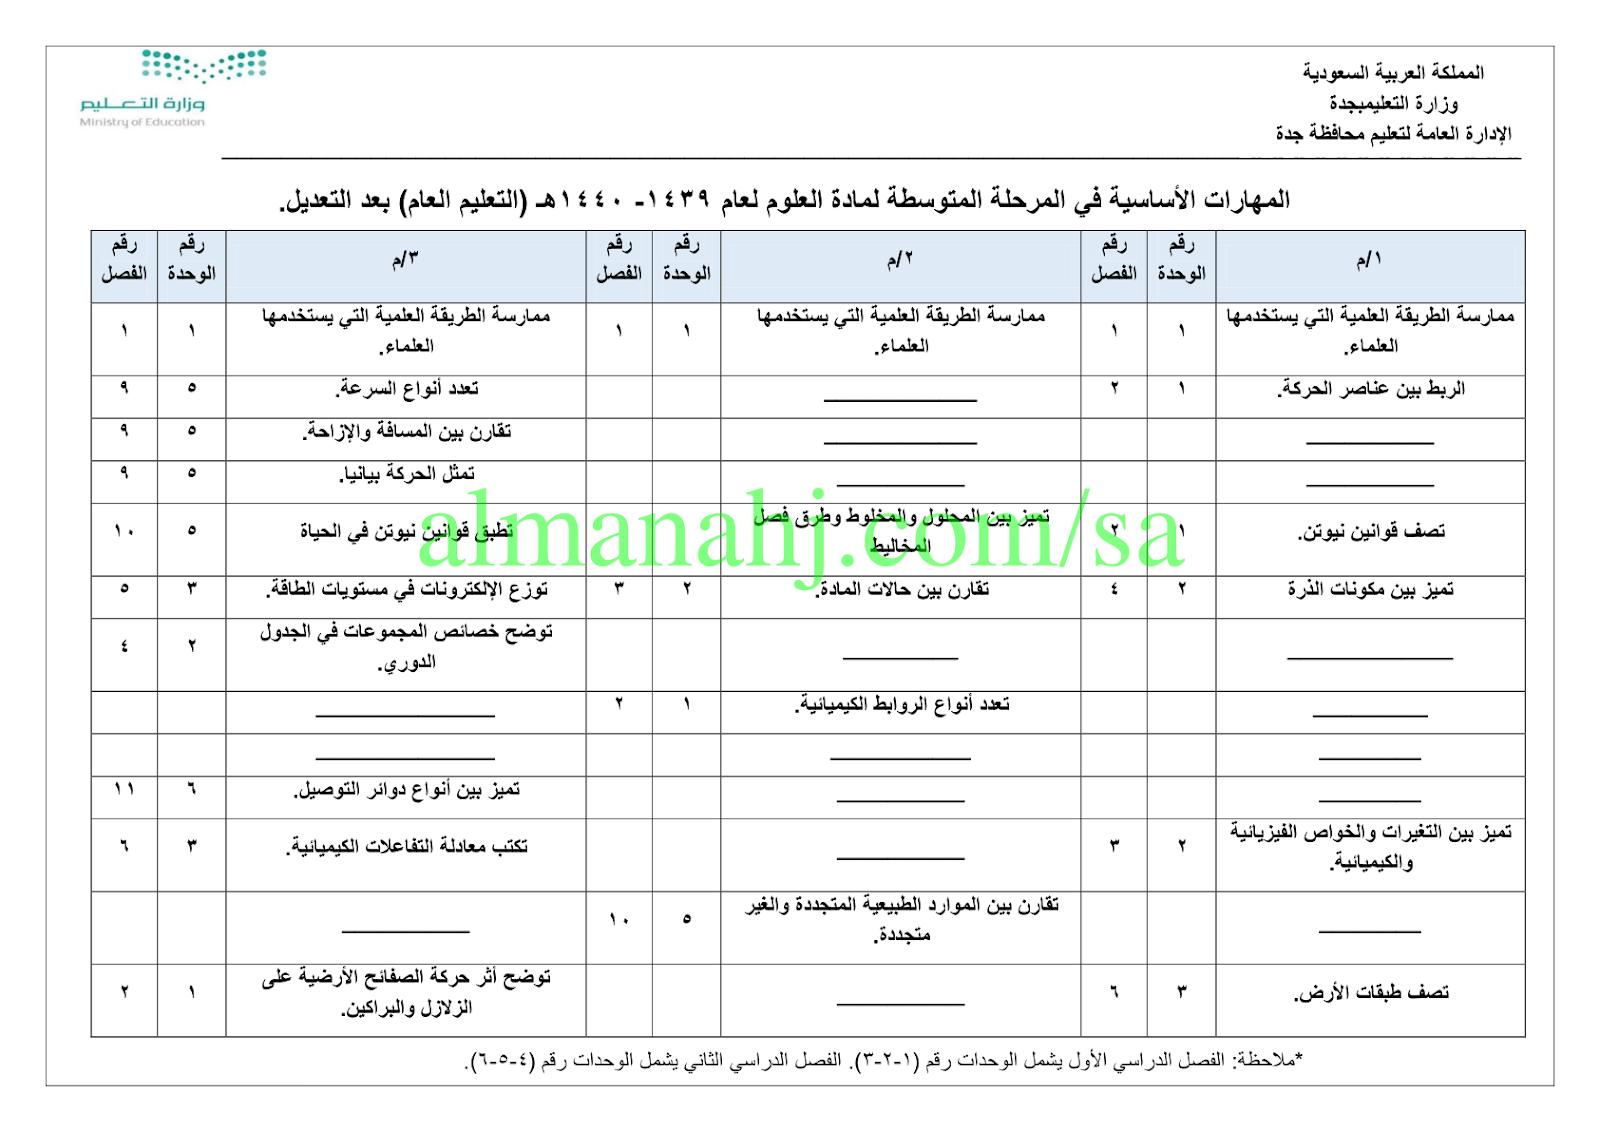 المهارات الأساسية في المرحلة المتوسطة مرحلة متوسطة علوم الفصل الأول المناهج السعودية